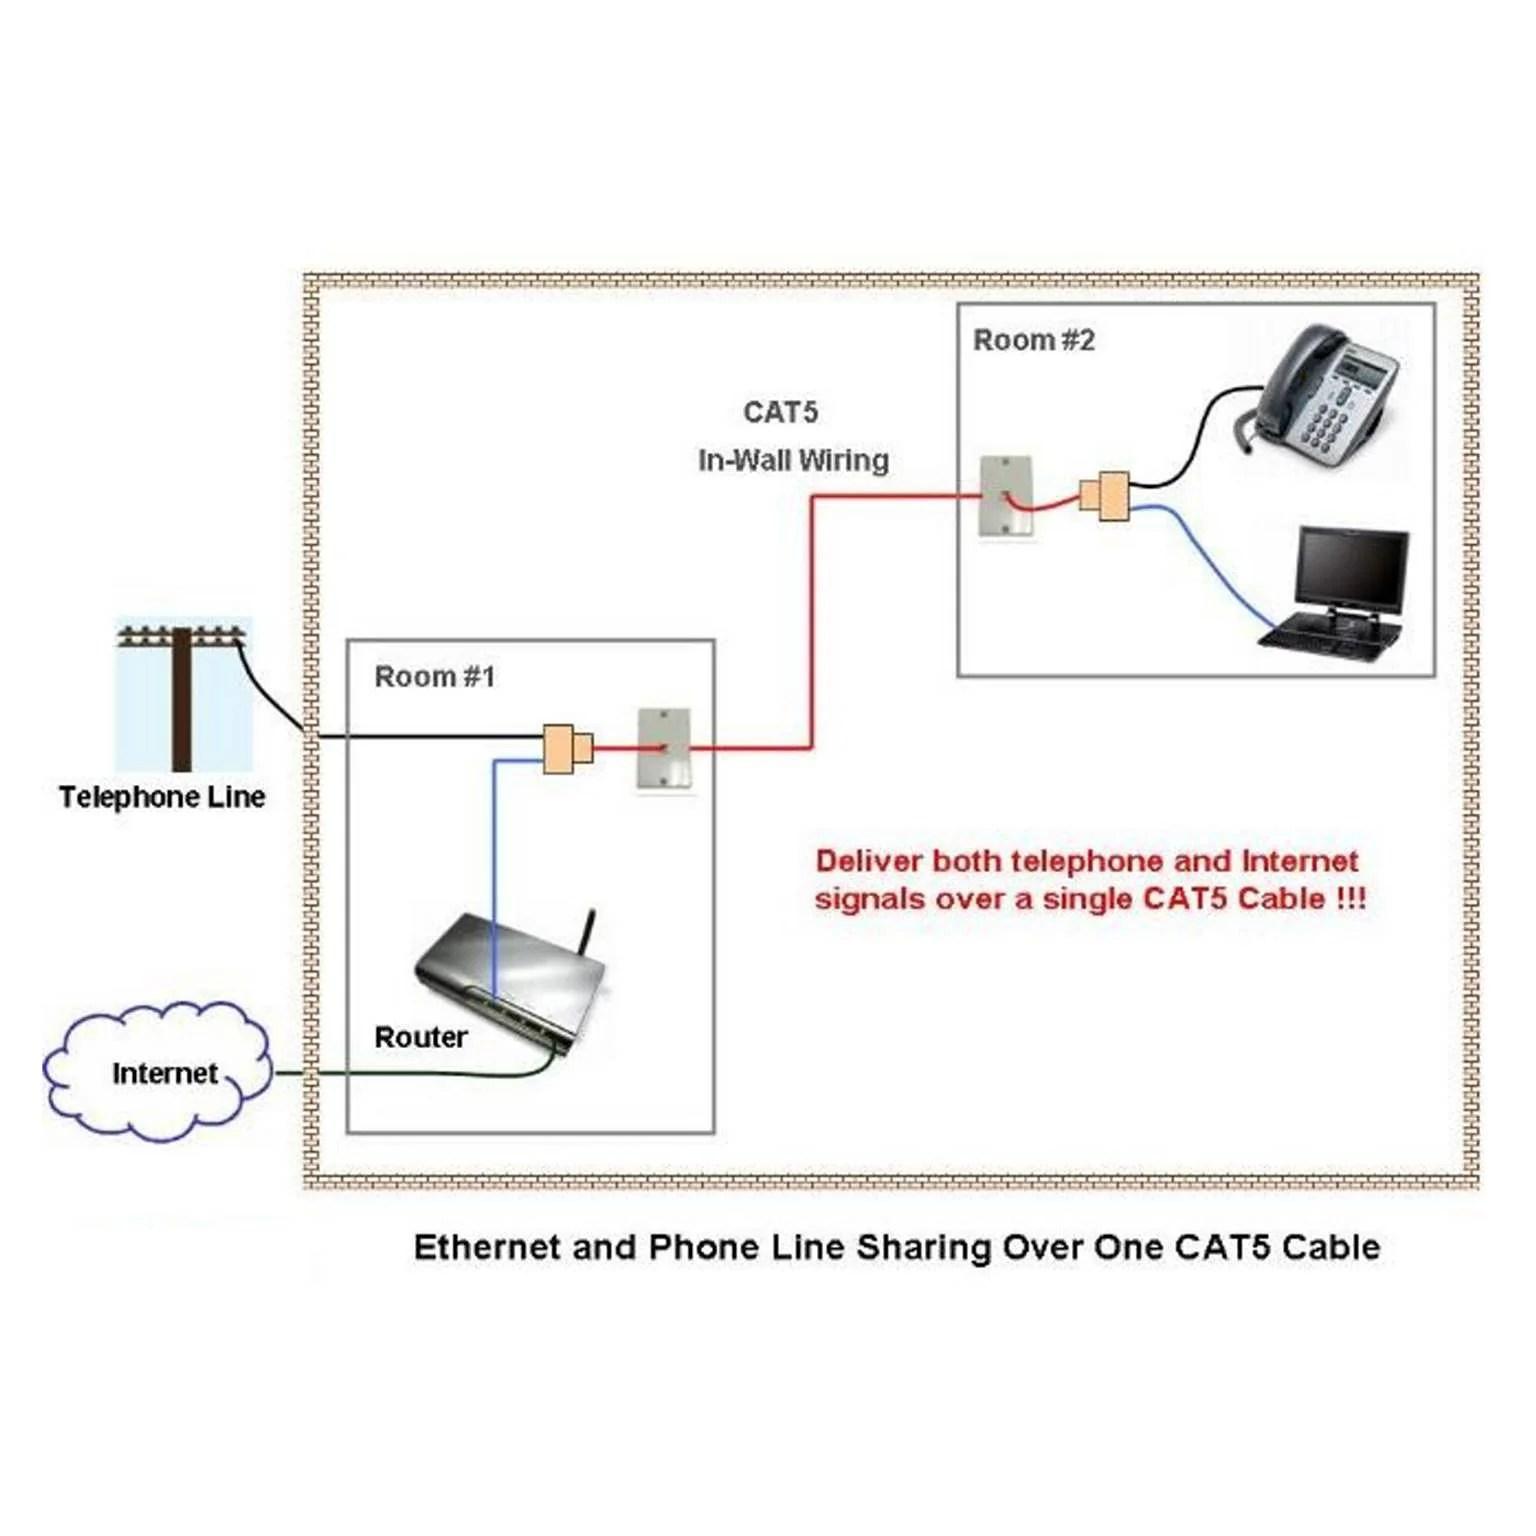 medium resolution of rj45 rj11 splitter cable sharing kit for ethernet and phone lineswiring diagram rj11 splitter 14